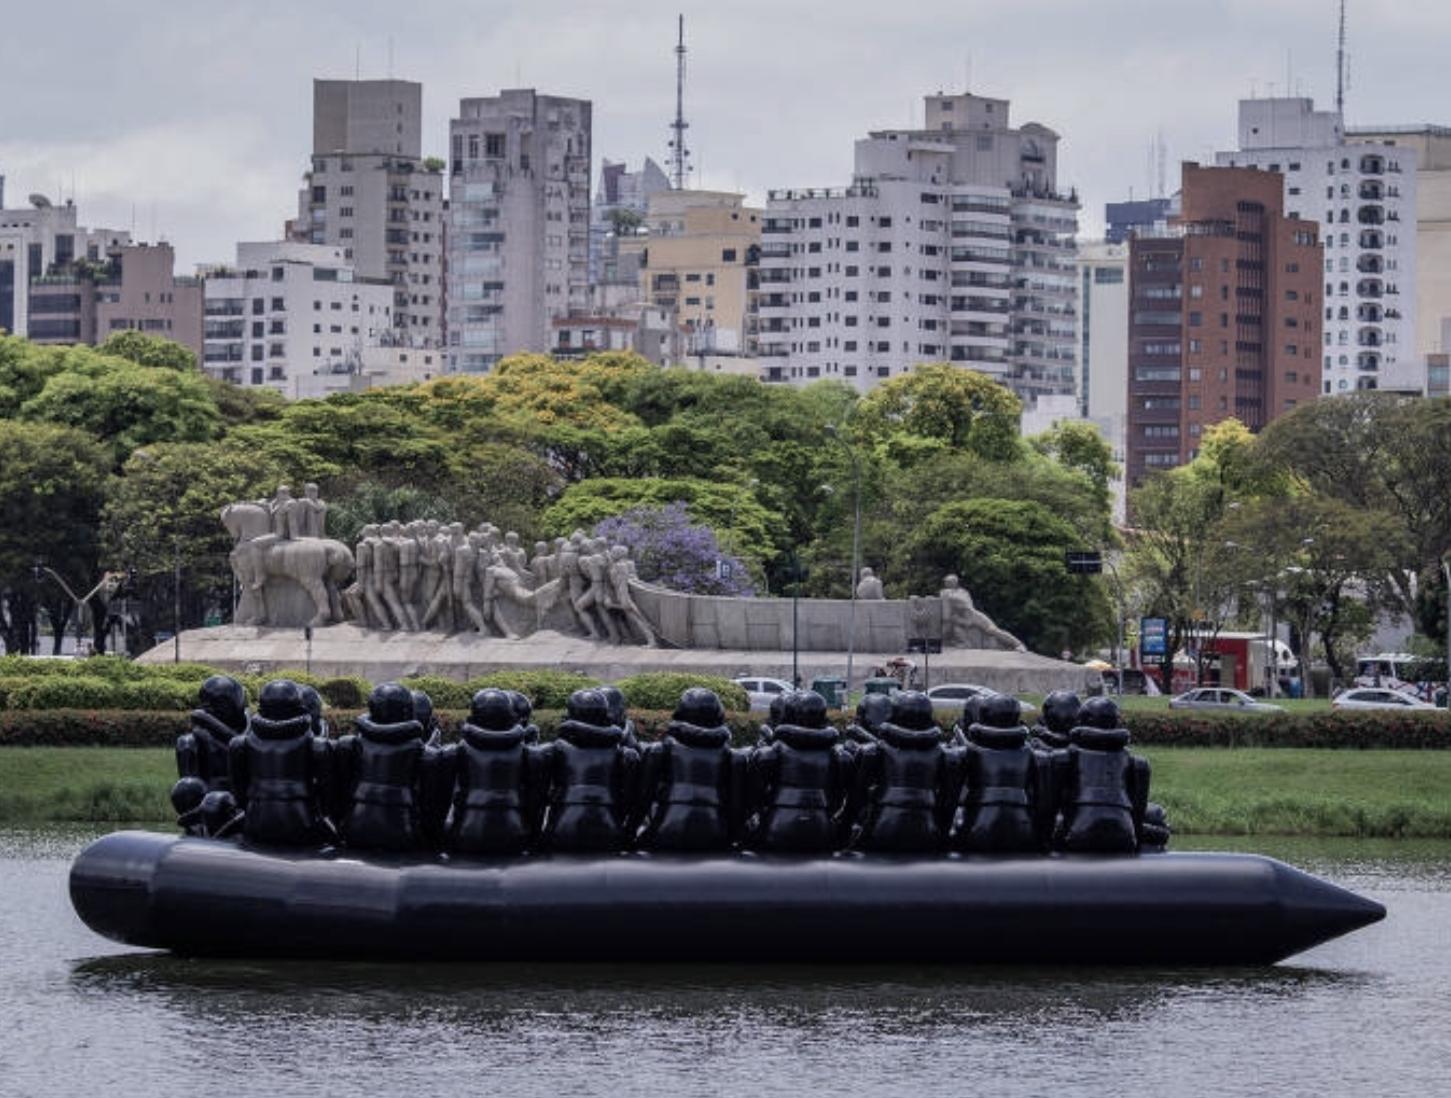 The Law of the Journey, um gigantesco bote inflável com imigrantes igualmente infláveis que flutuou por 24 horas no lago do Parque Ibirapuera antes da abertura da maior exibição individual do artista.